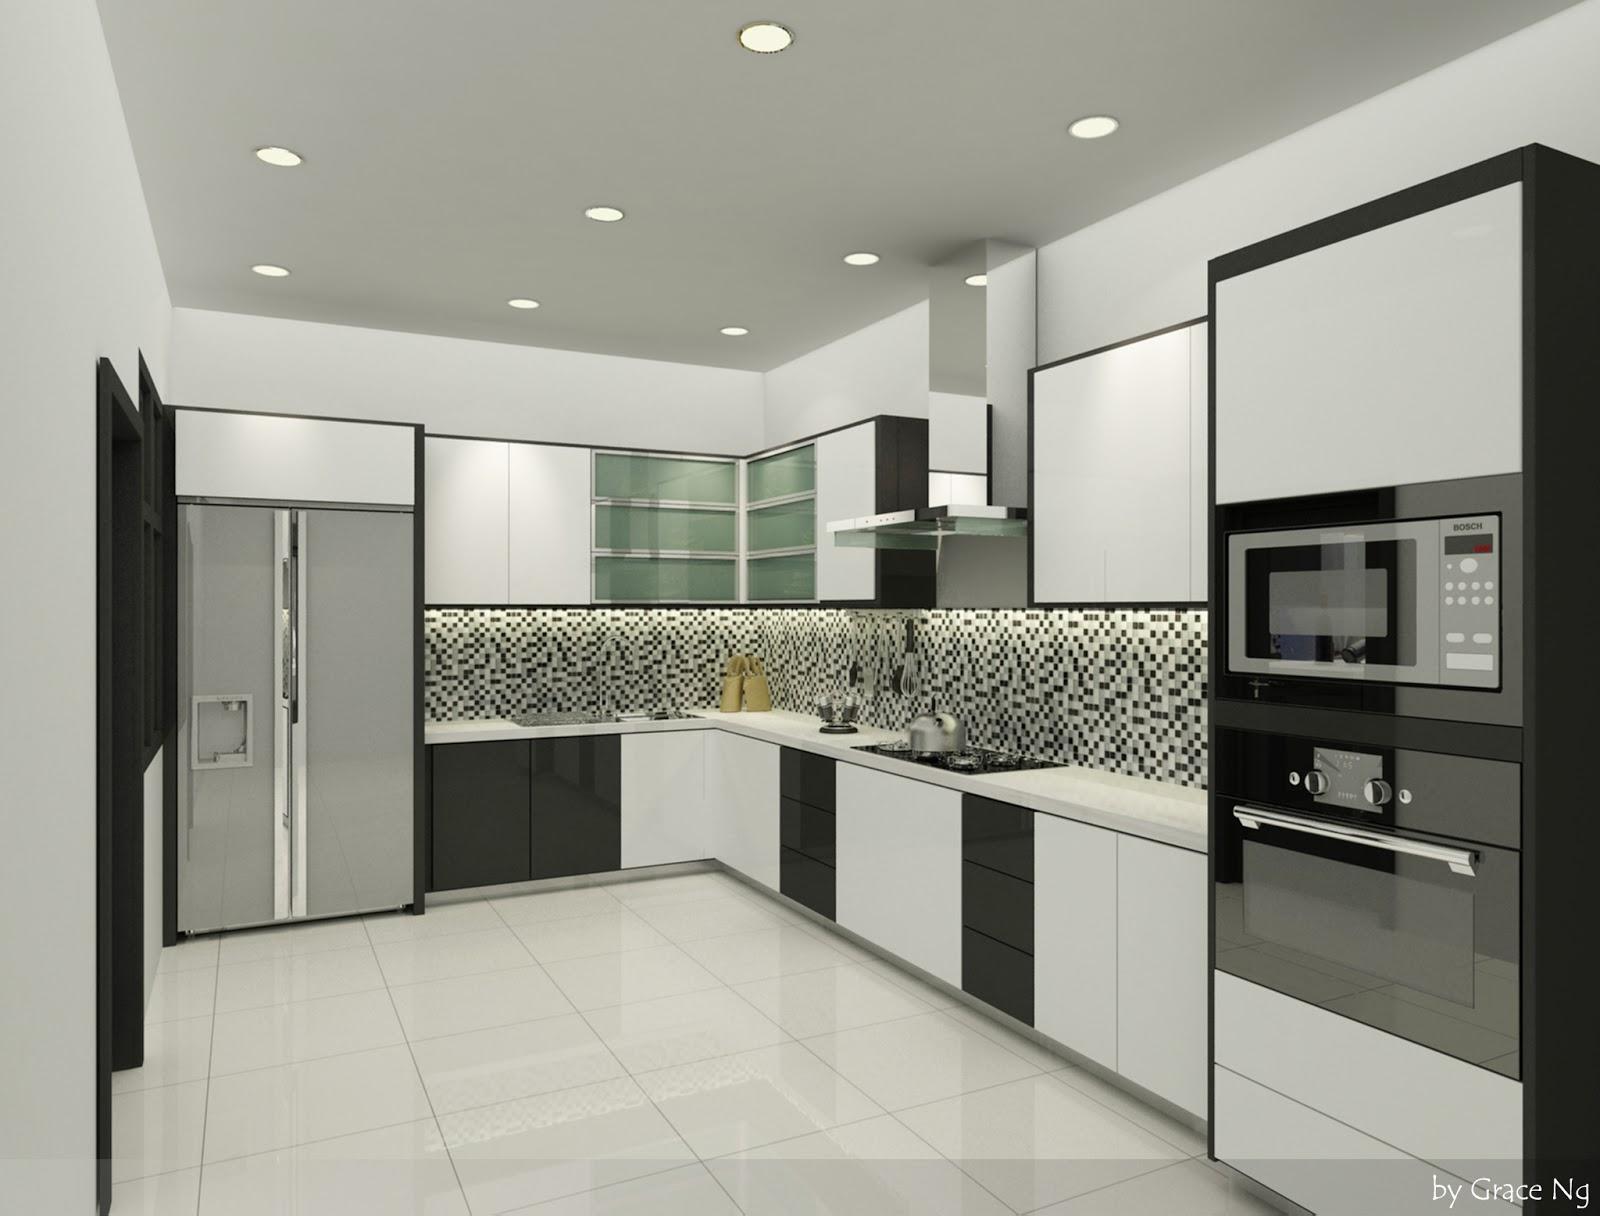 Design: Proposed Interior Design For Semi-D At Batu 9, Cheras